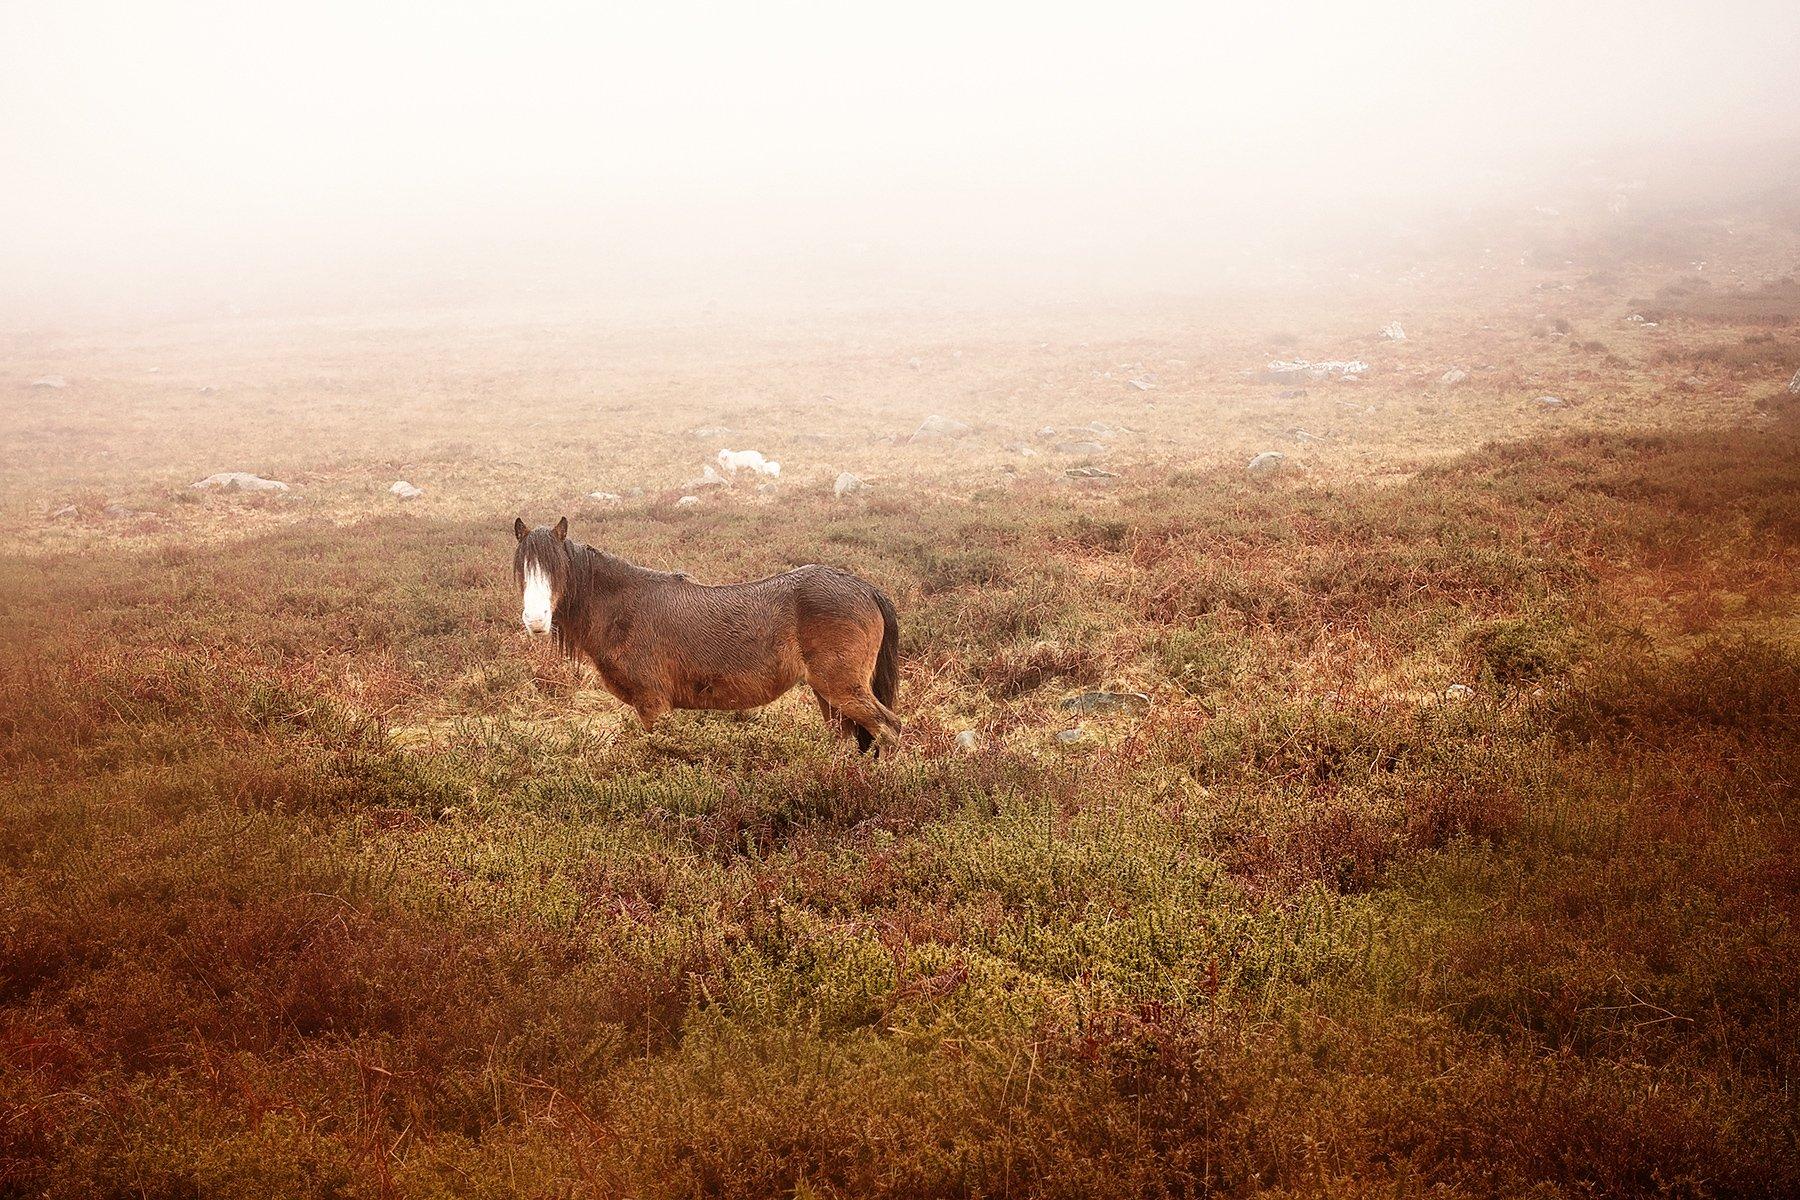 Horse in Carn Ingli